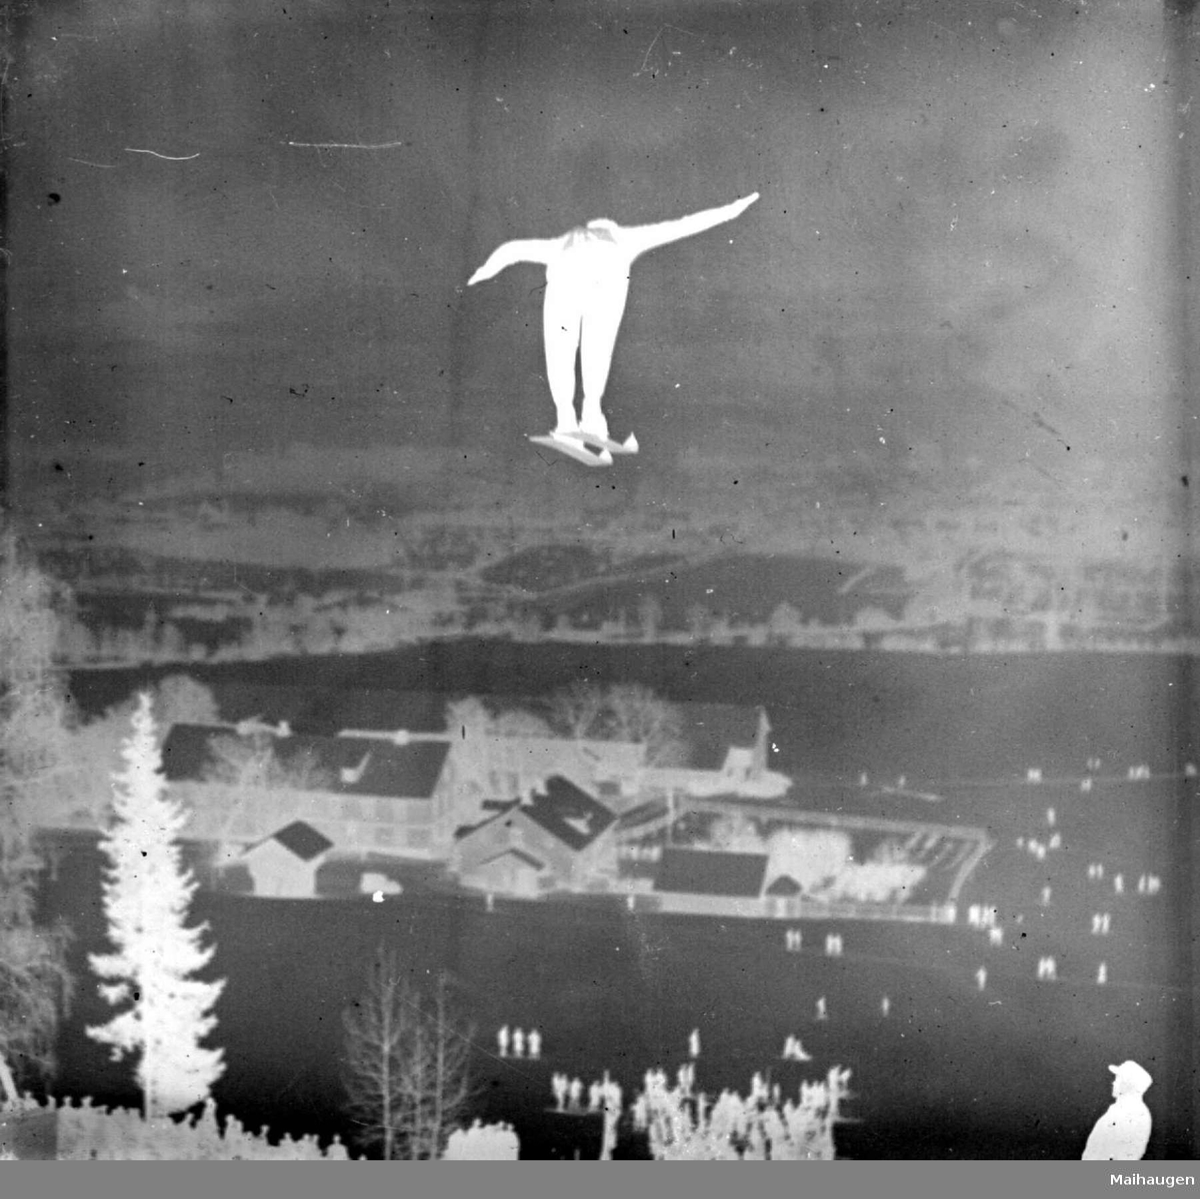 Hovedlandsrennet på Lillehammer, Lysgårdsbakken 1927. Hopper,  starter nr. 28